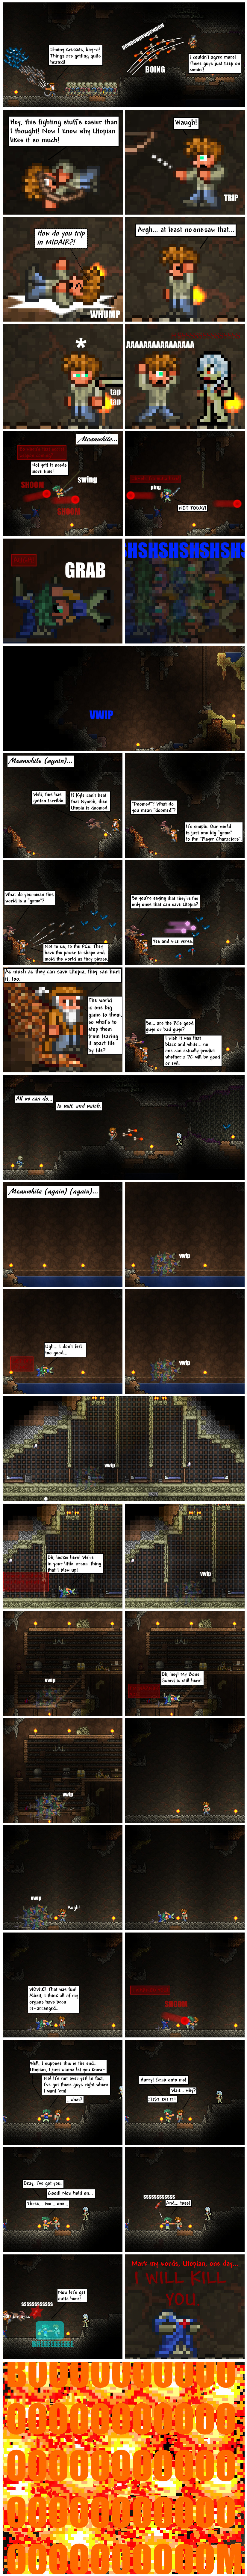 The Secret Weapon, Part 3